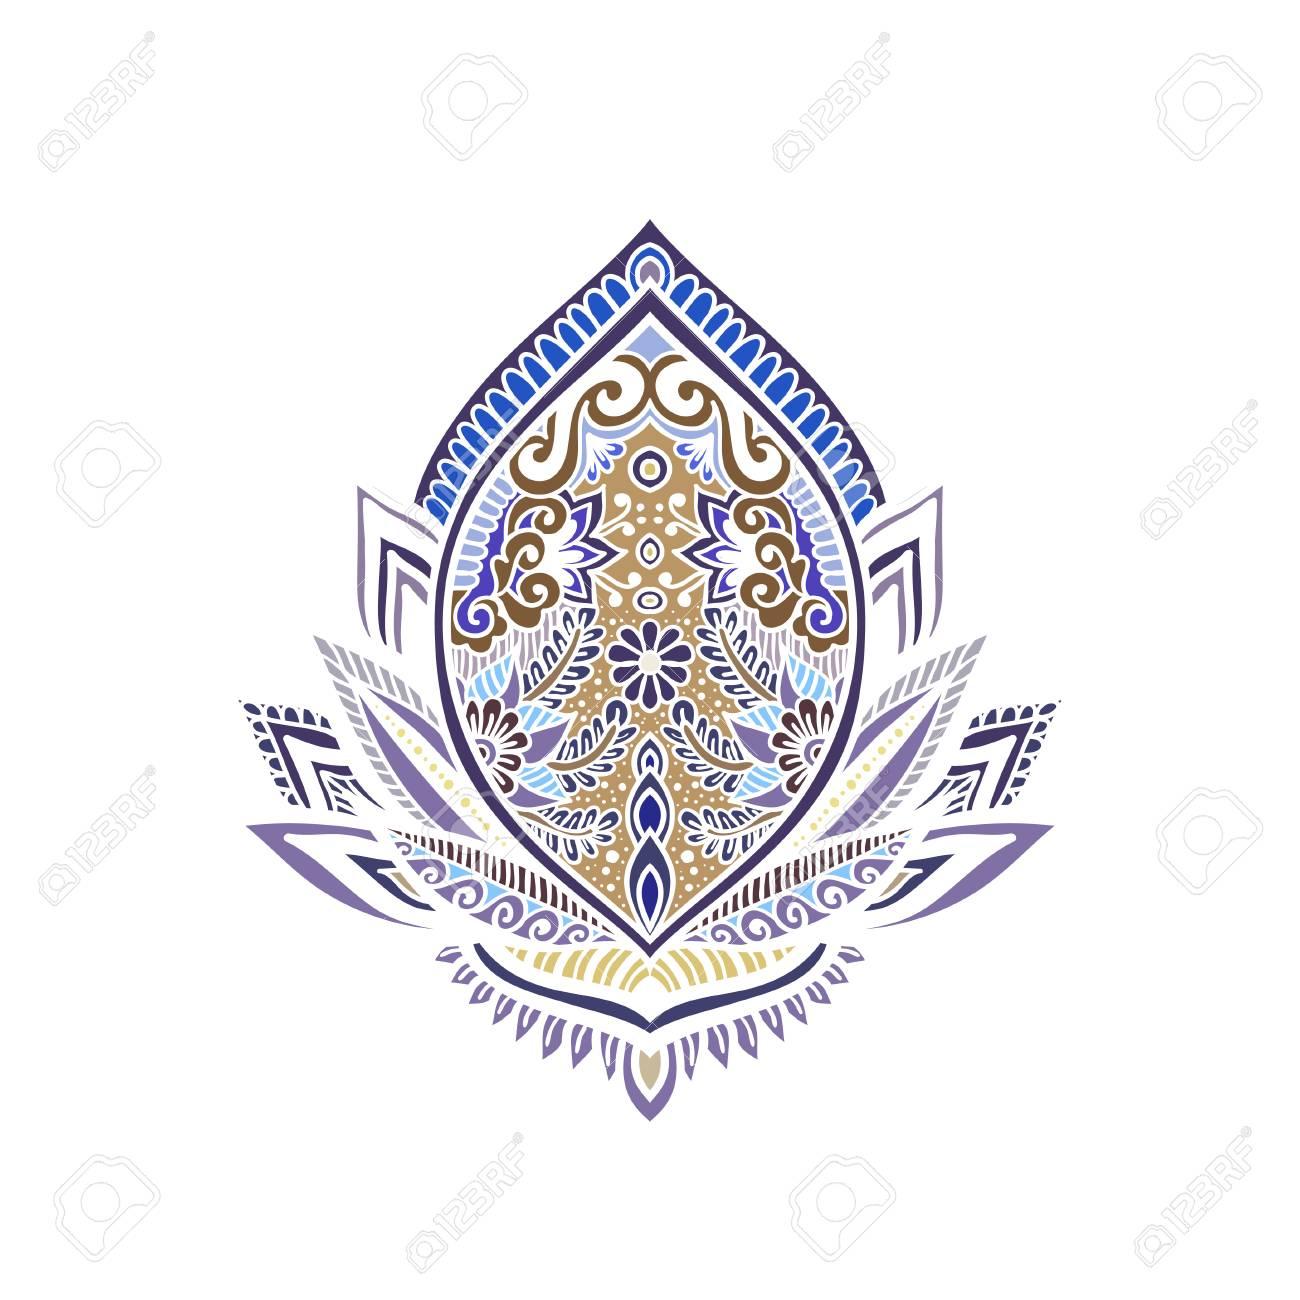 Ornamental lotus flower ethnic art patterned indian paisley ornamental lotus flower ethnic art patterned indian paisley illustration invitation element mightylinksfo